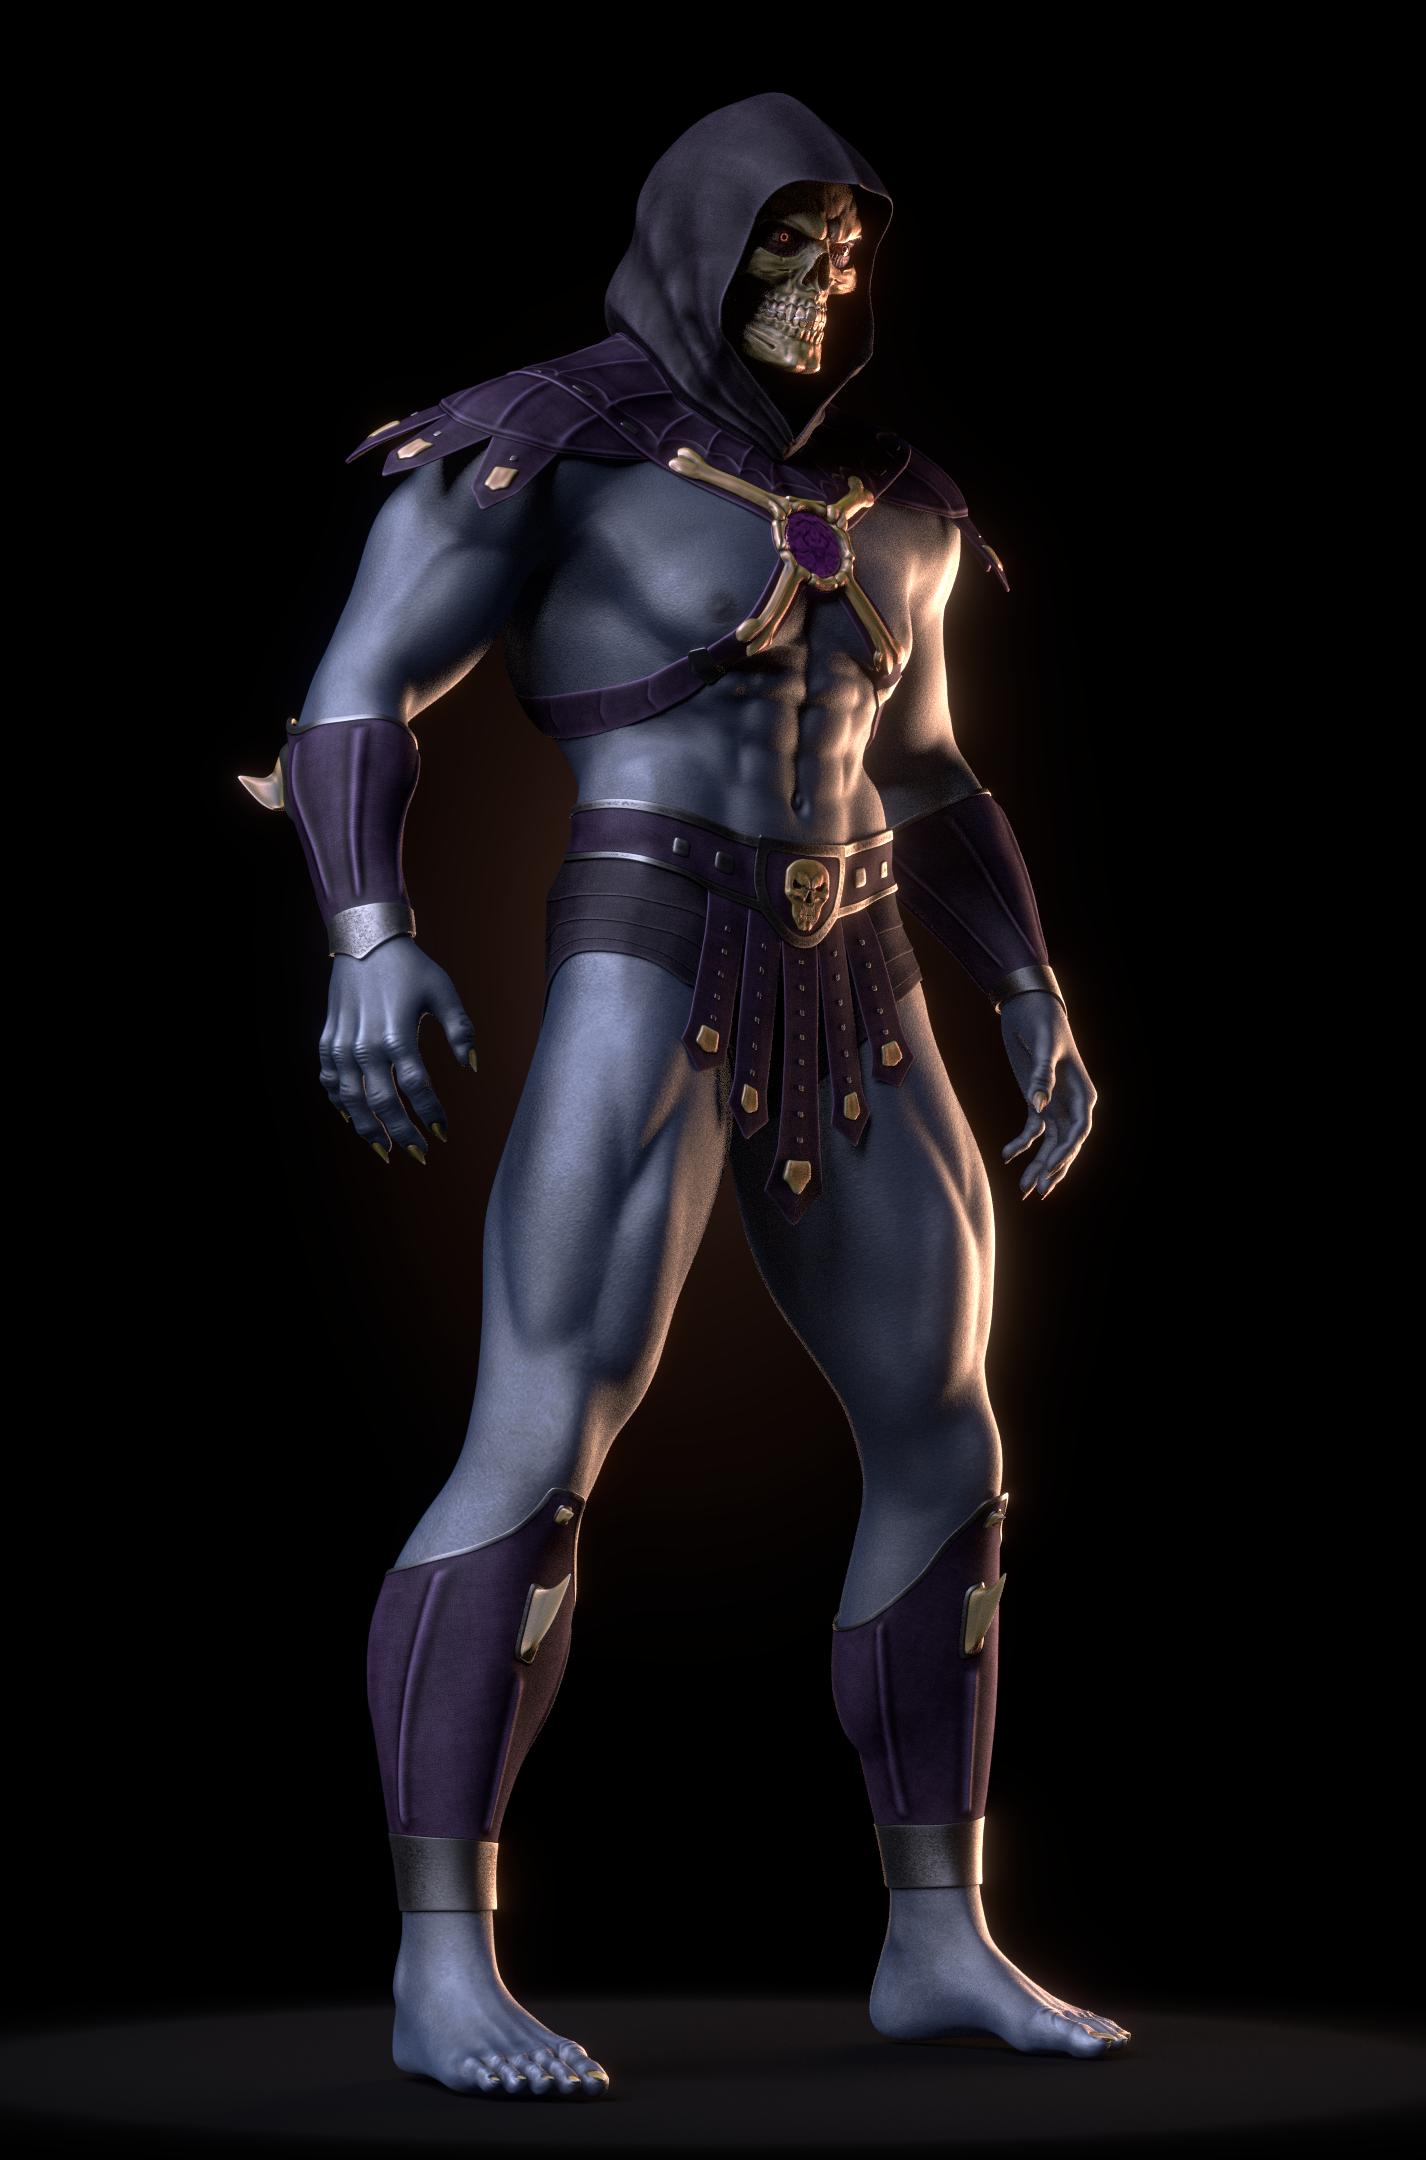 MOTU - Skeletor III - WIP 1 by paulrich